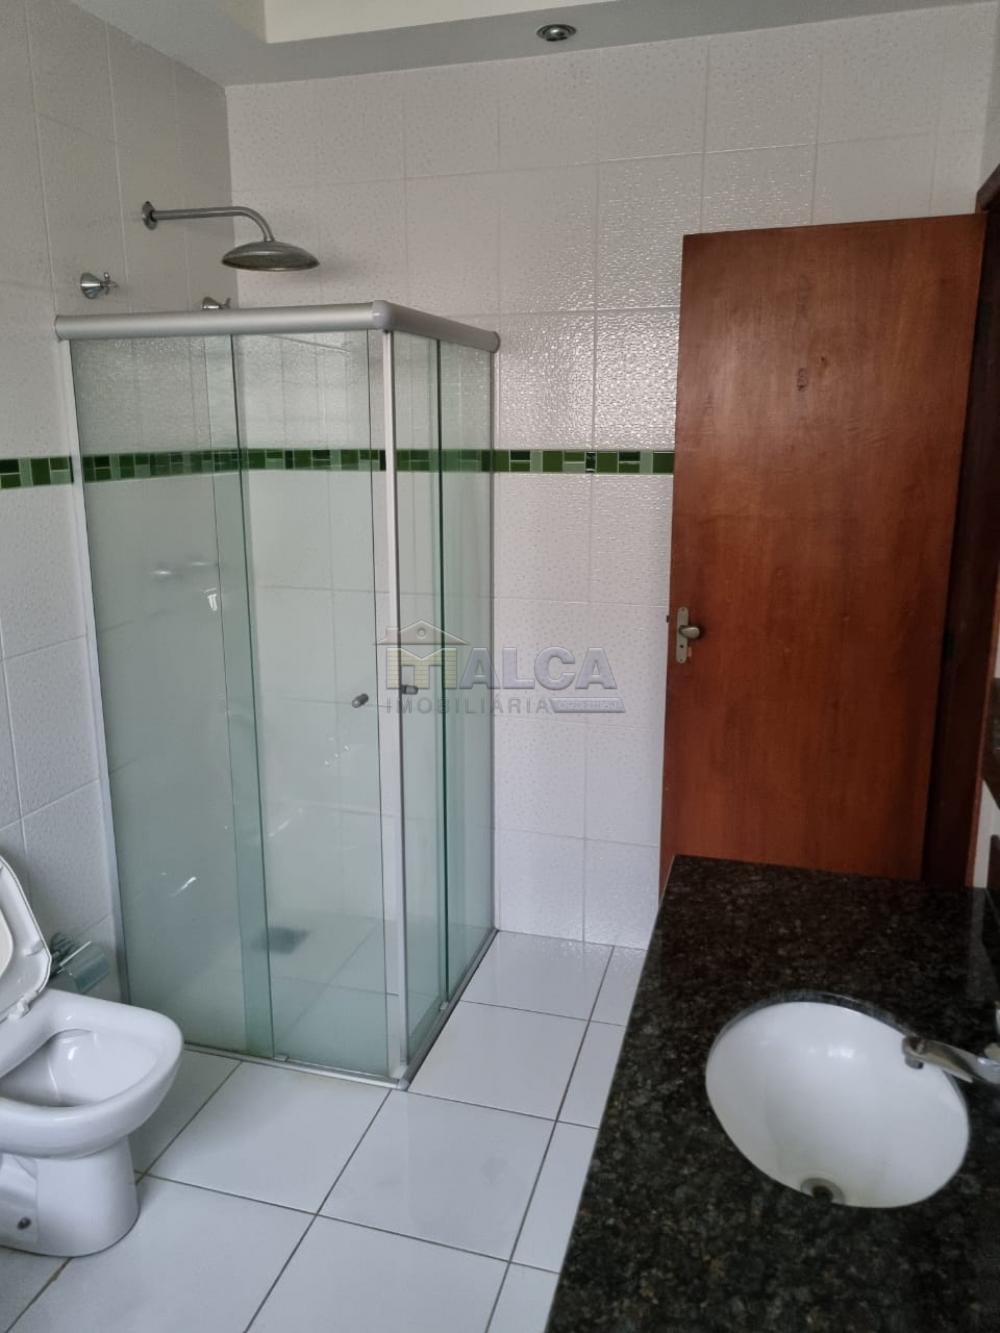 Alugar Casas / Padrão em São José do Rio Pardo R$ 2.950,00 - Foto 28